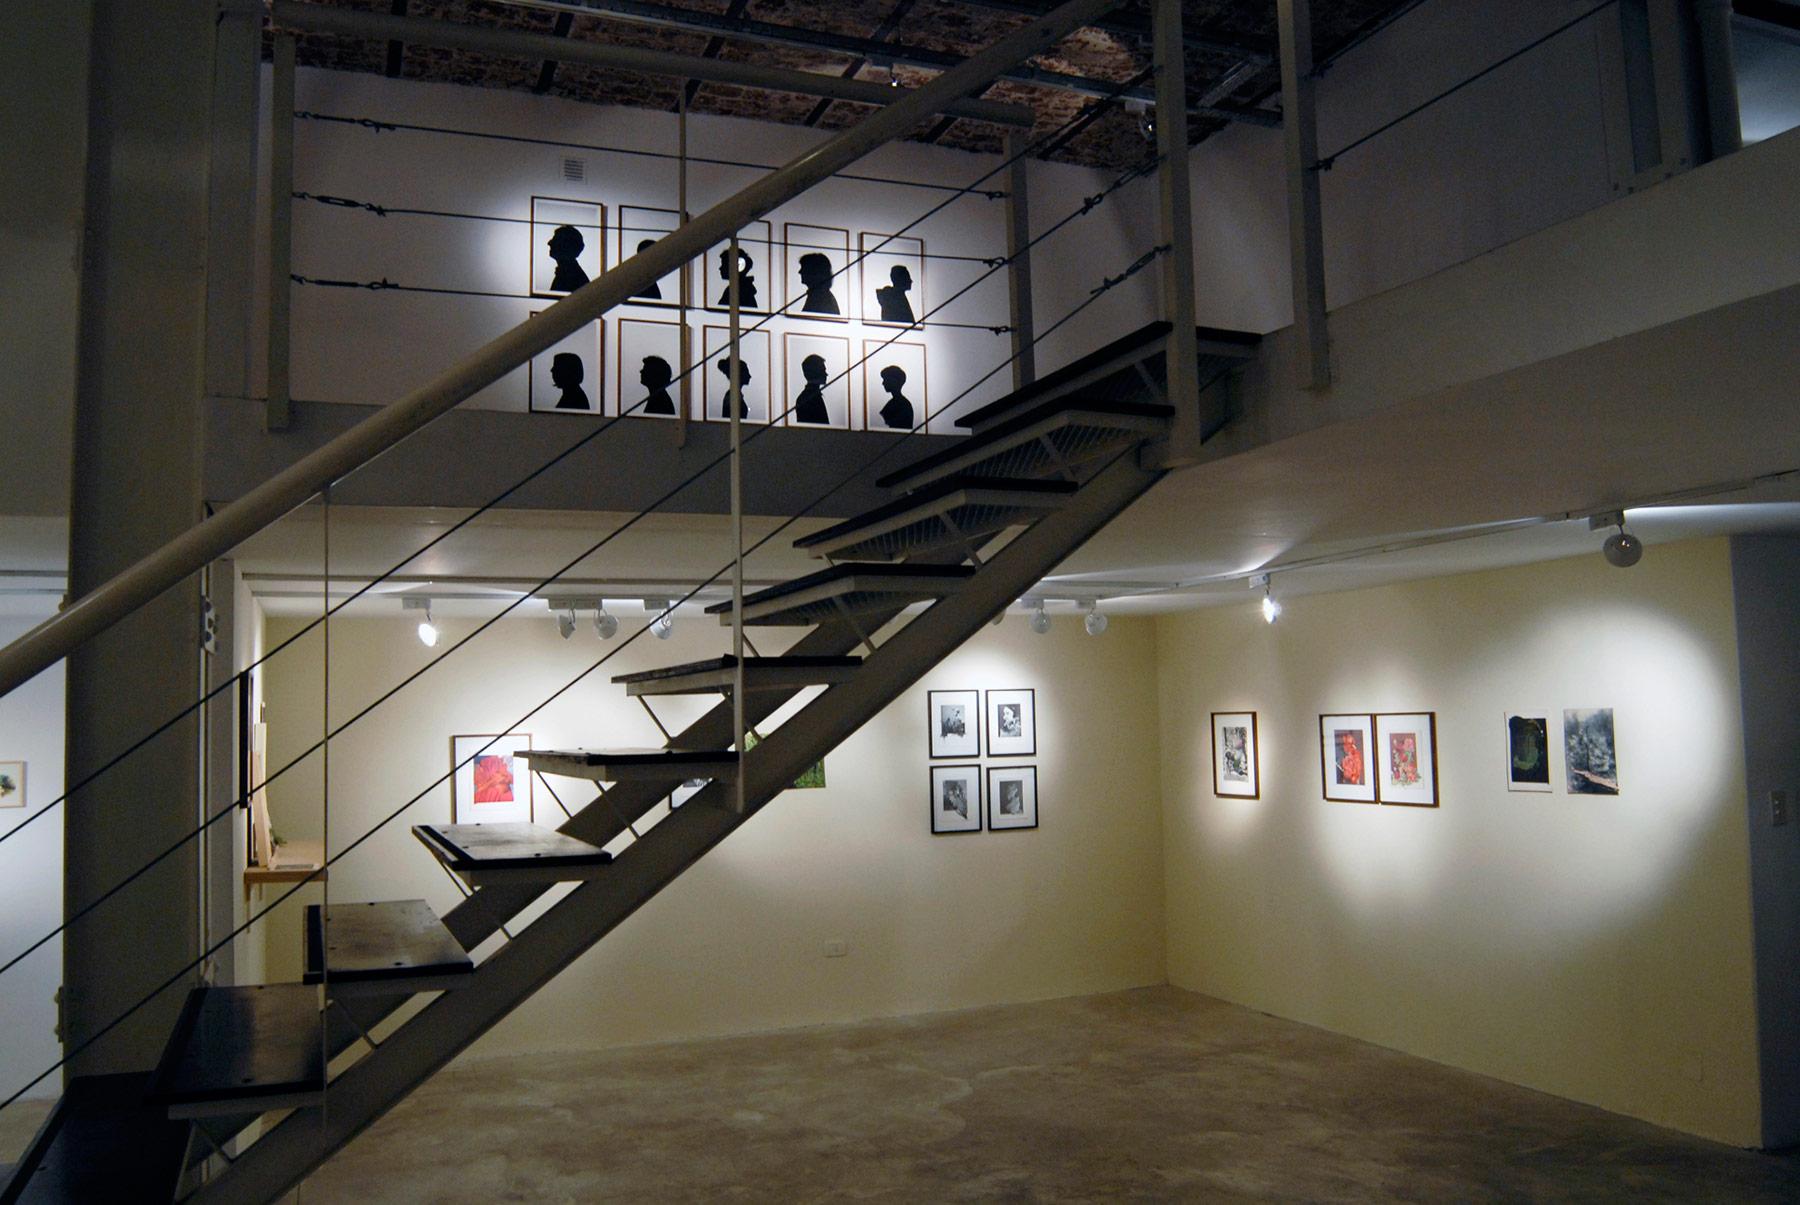 Reproducción, 2010. Vista general, galería Zavaletalab.